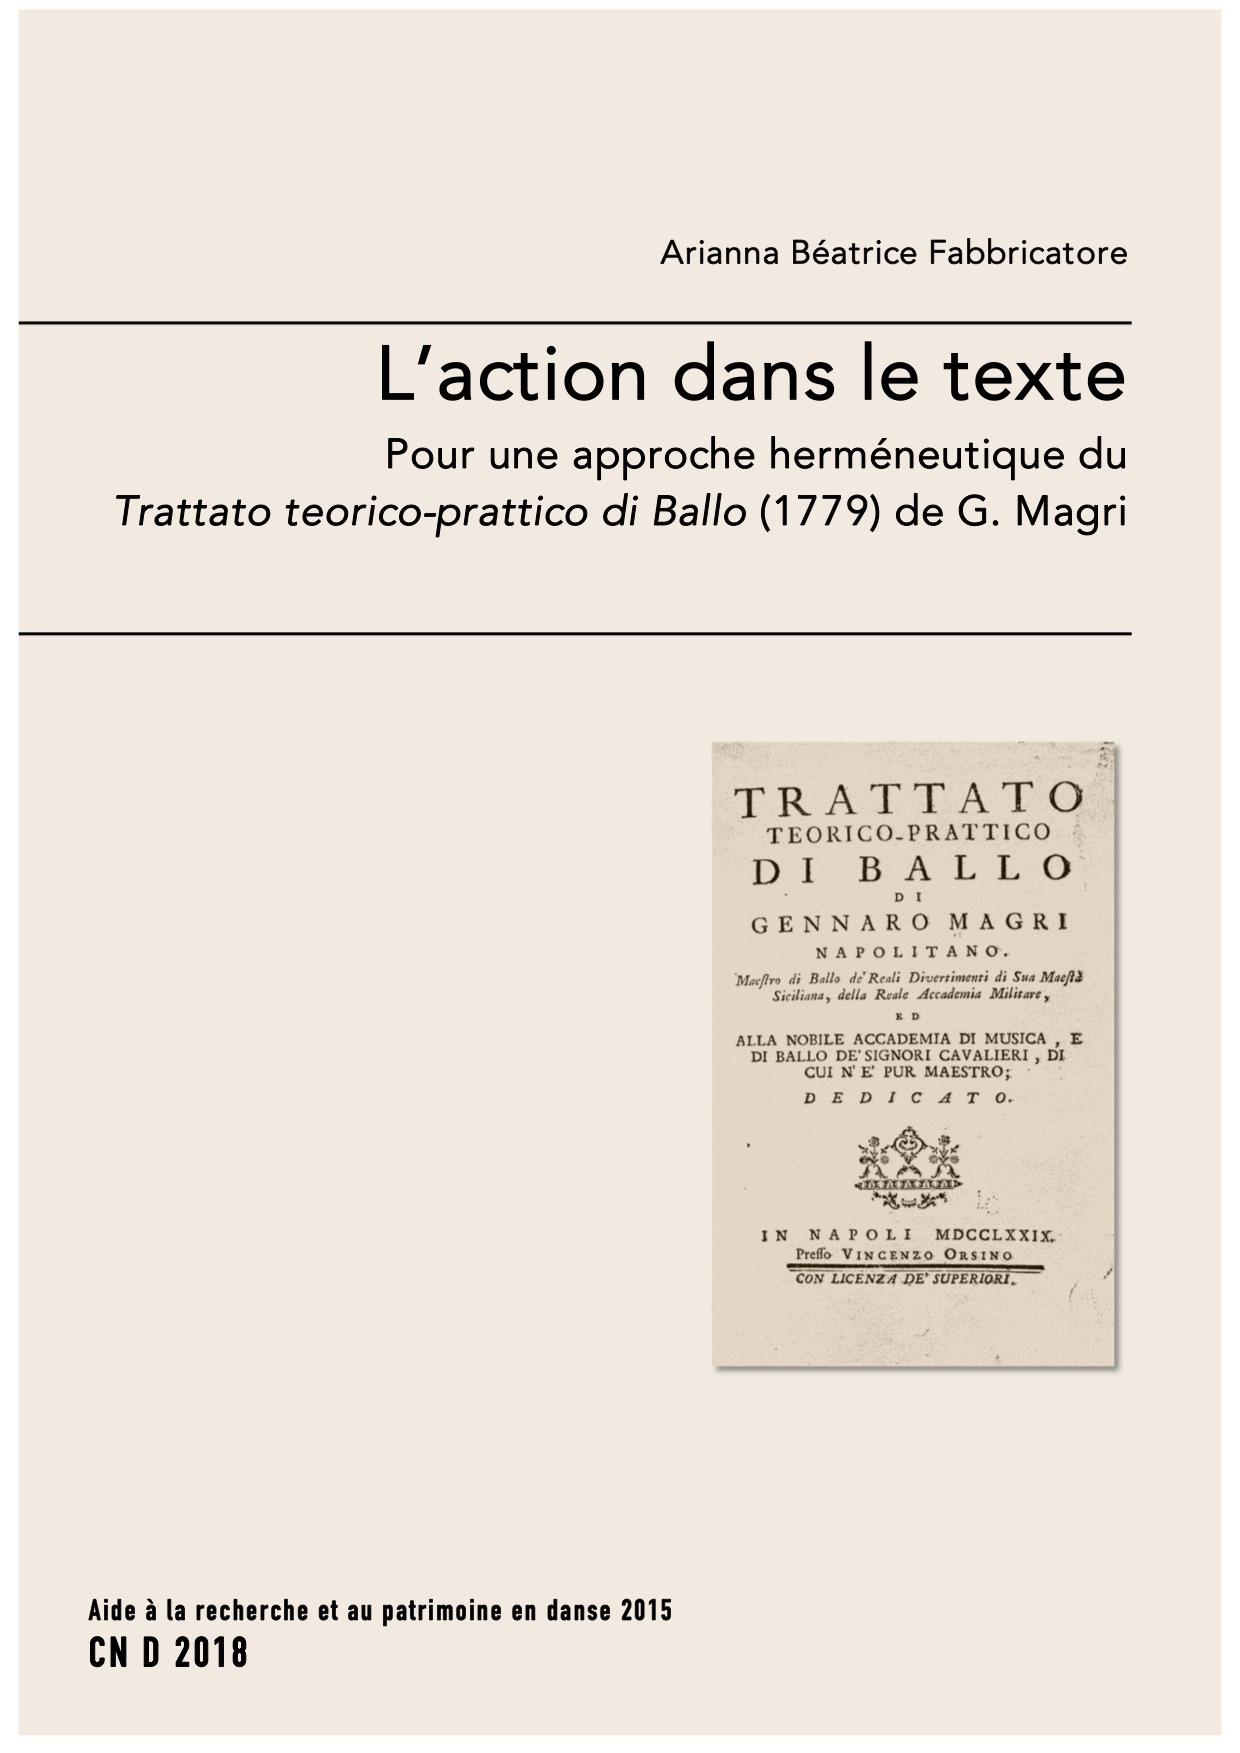 A. B. Fabbricatore, L'action dans le texte. Pour une approche herméneutique du Trattato teorico-prattico di Ballo (1779) de G. Magri